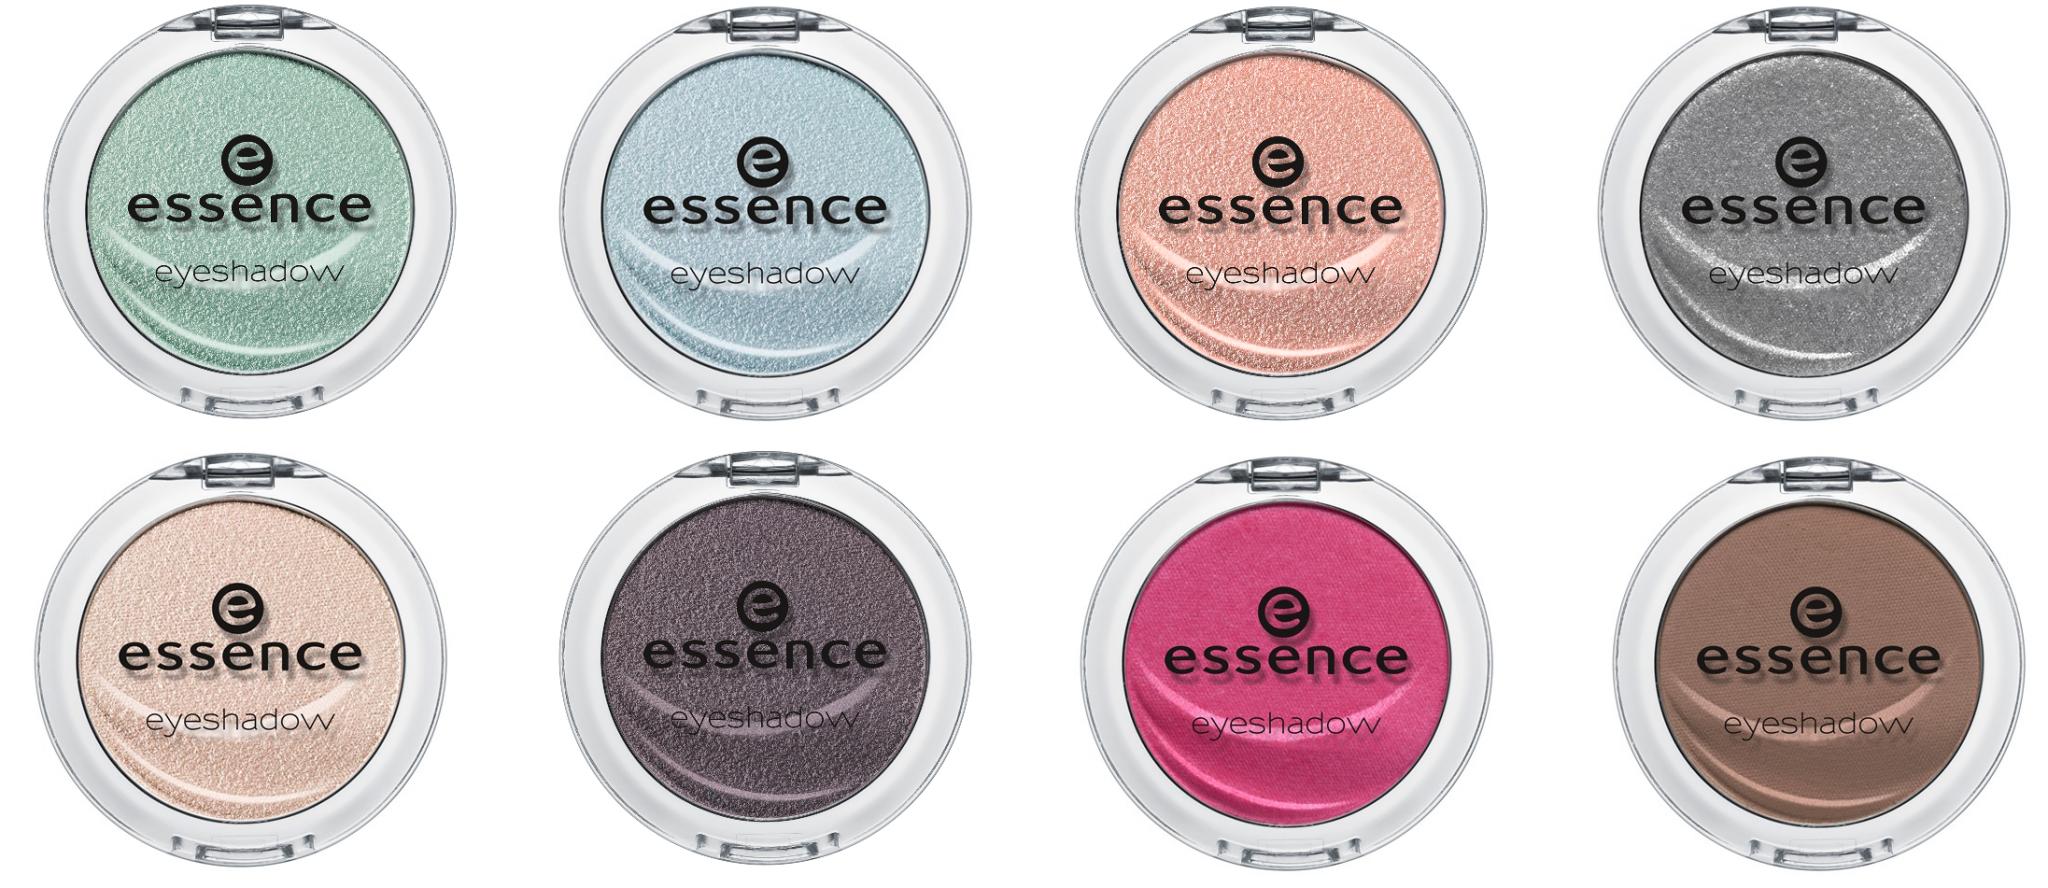 Essence monos - Nieuwe Collectie Essence & Catrice Voorjaar 2015